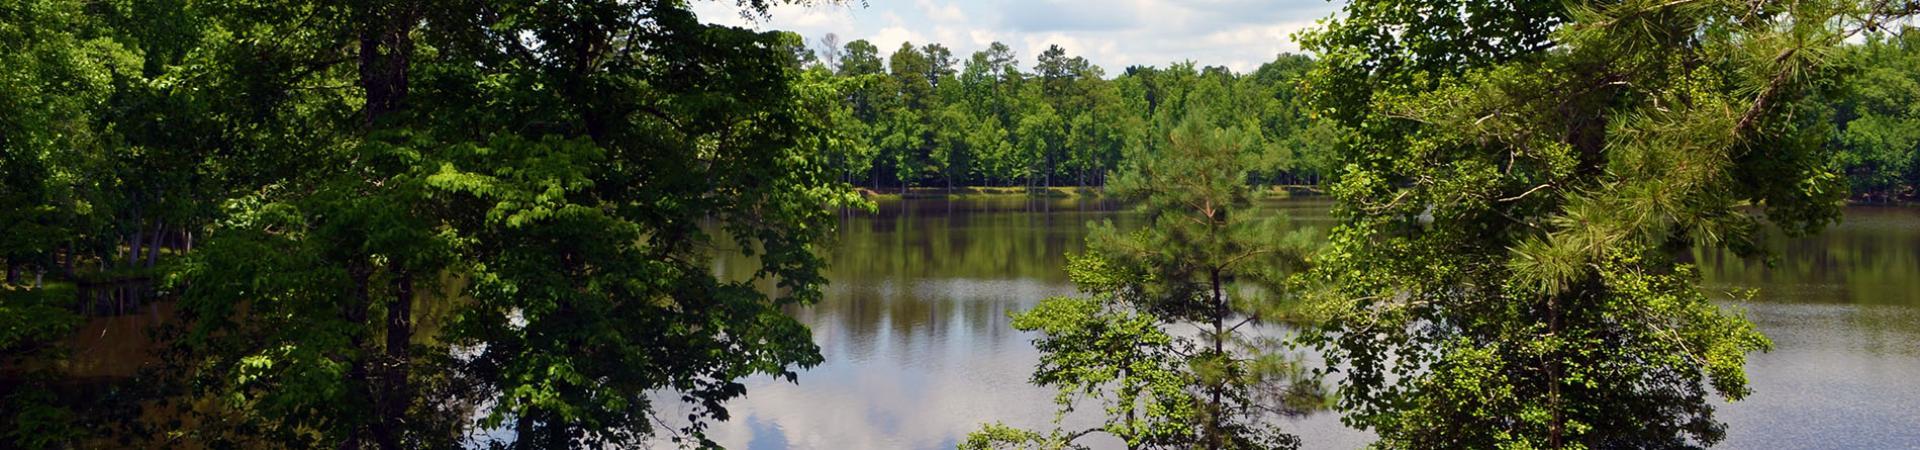 Gaither Lake